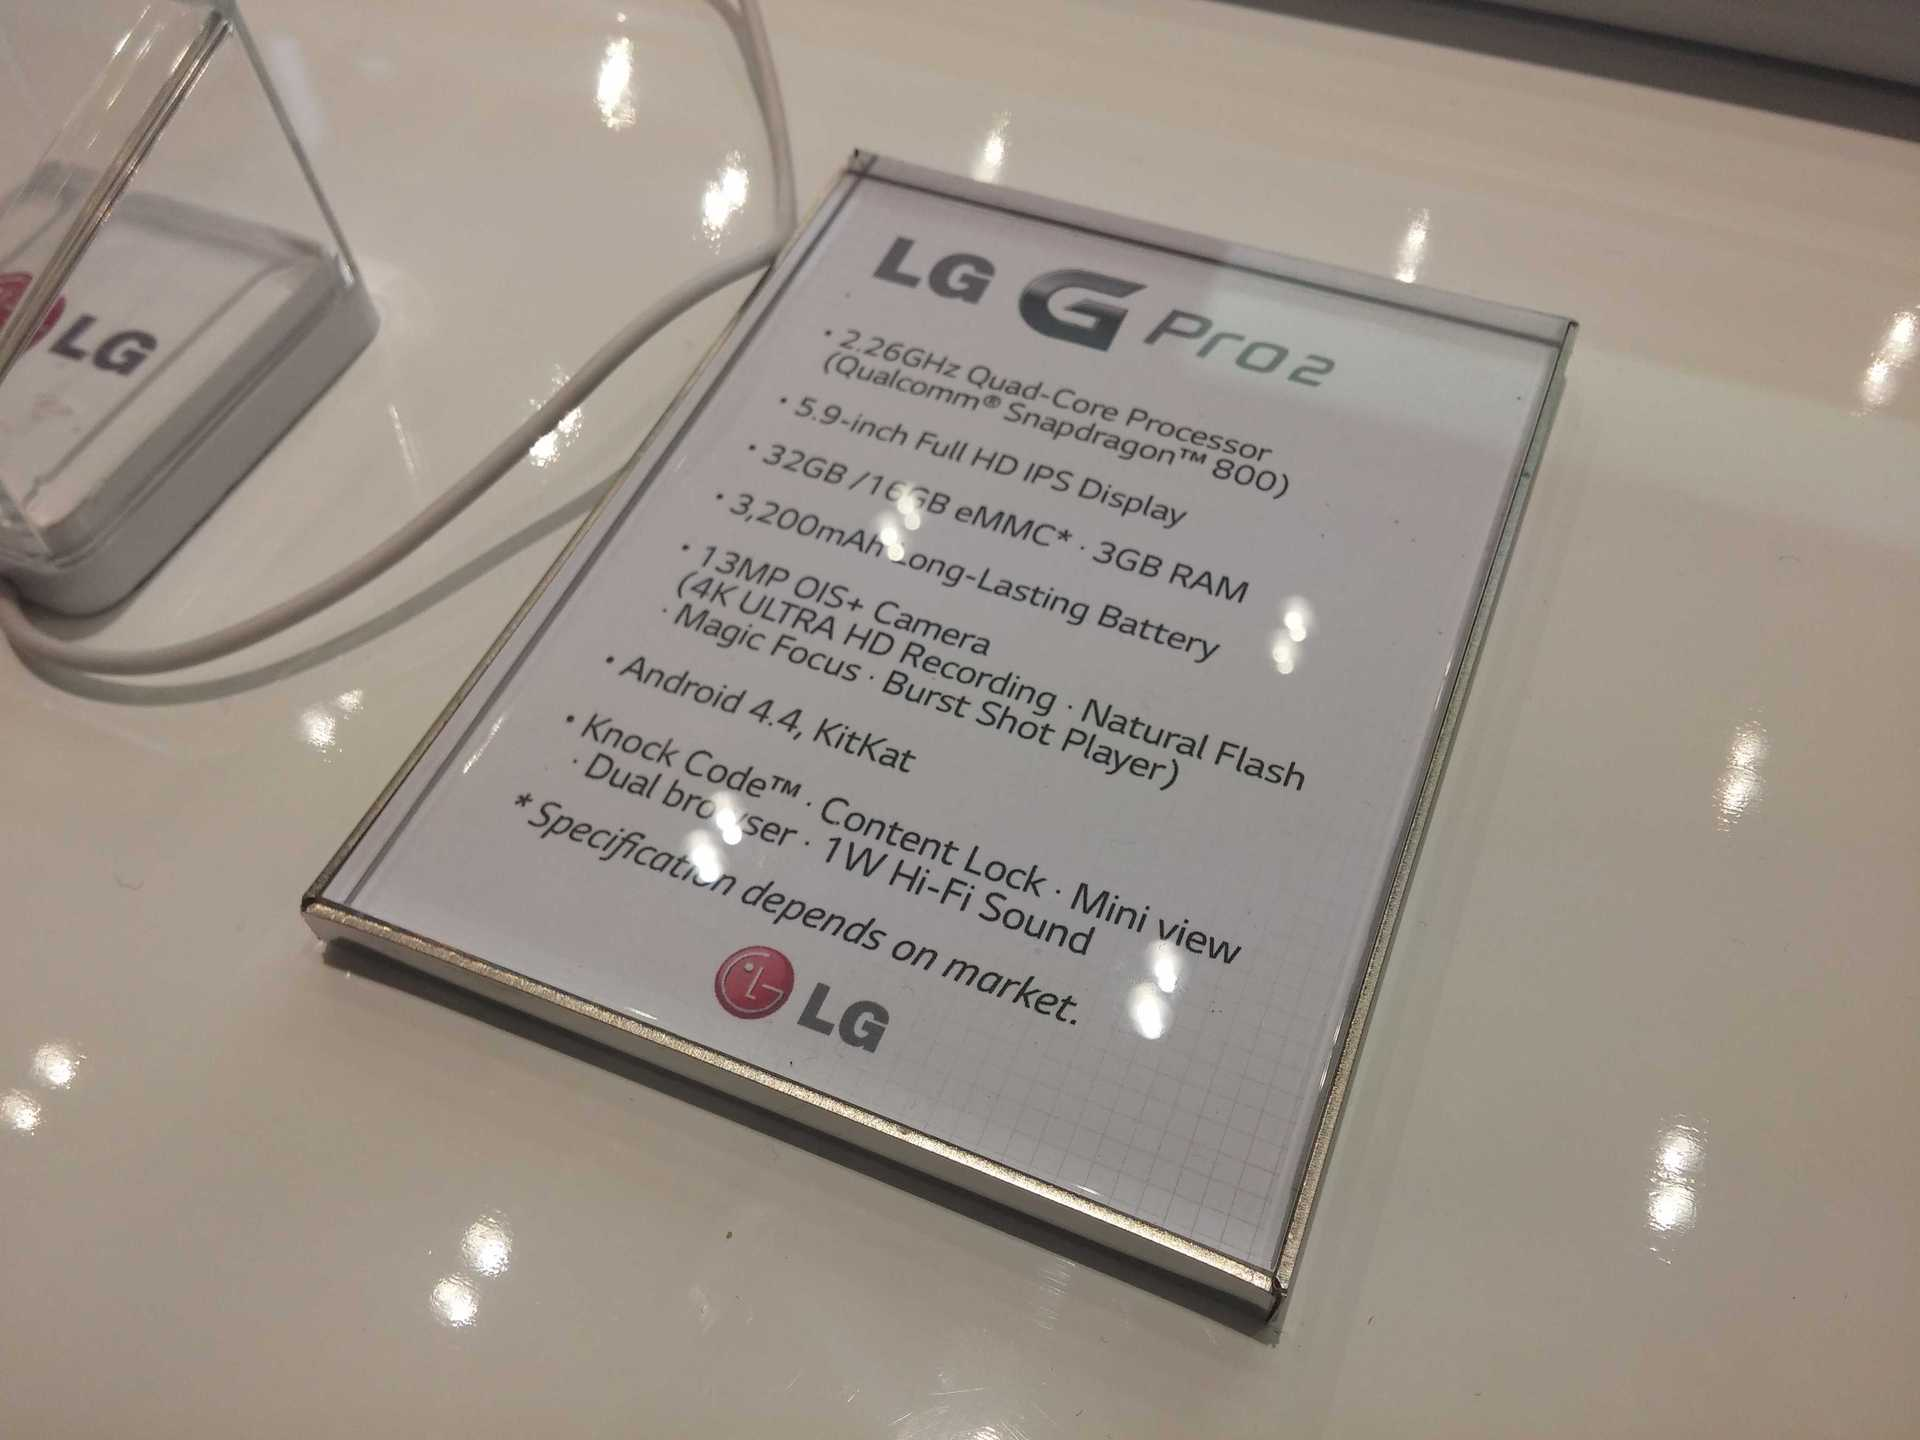 LG G Pro 2 confronto fotocamera con HTC One , iPhone 5s , LG G2 , Galaxy S4 e Xperia Z1